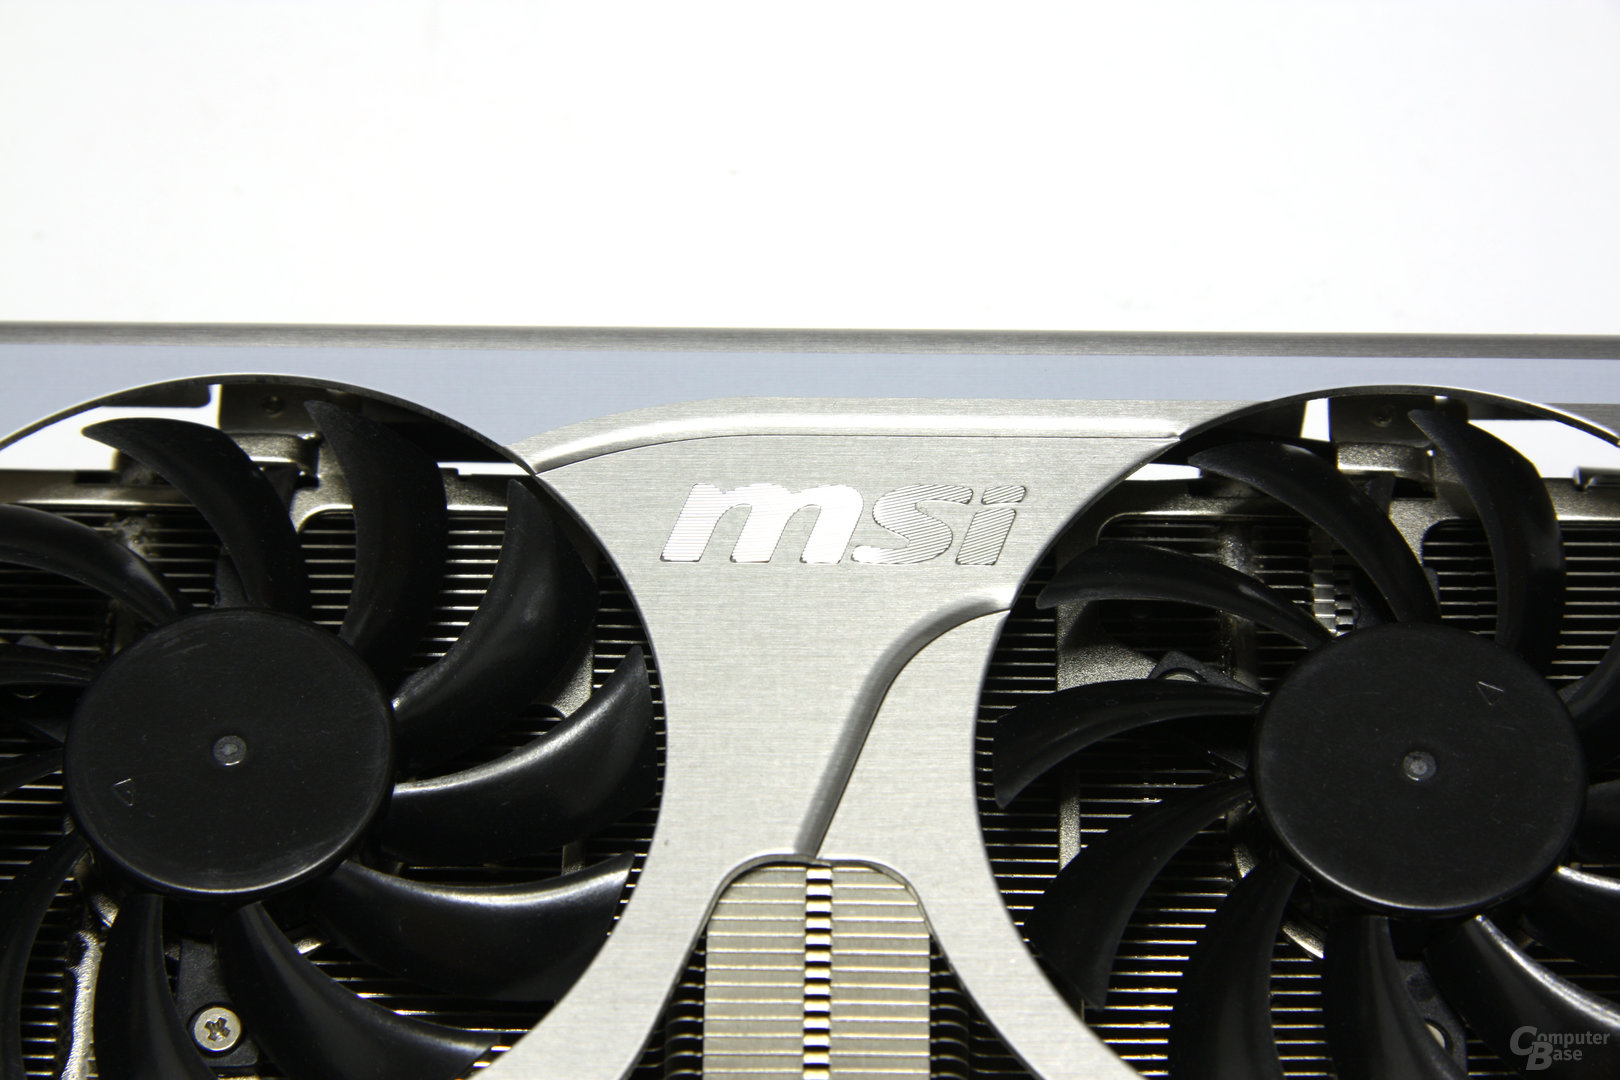 GeForce GTX 460 Hawk Schriftzug